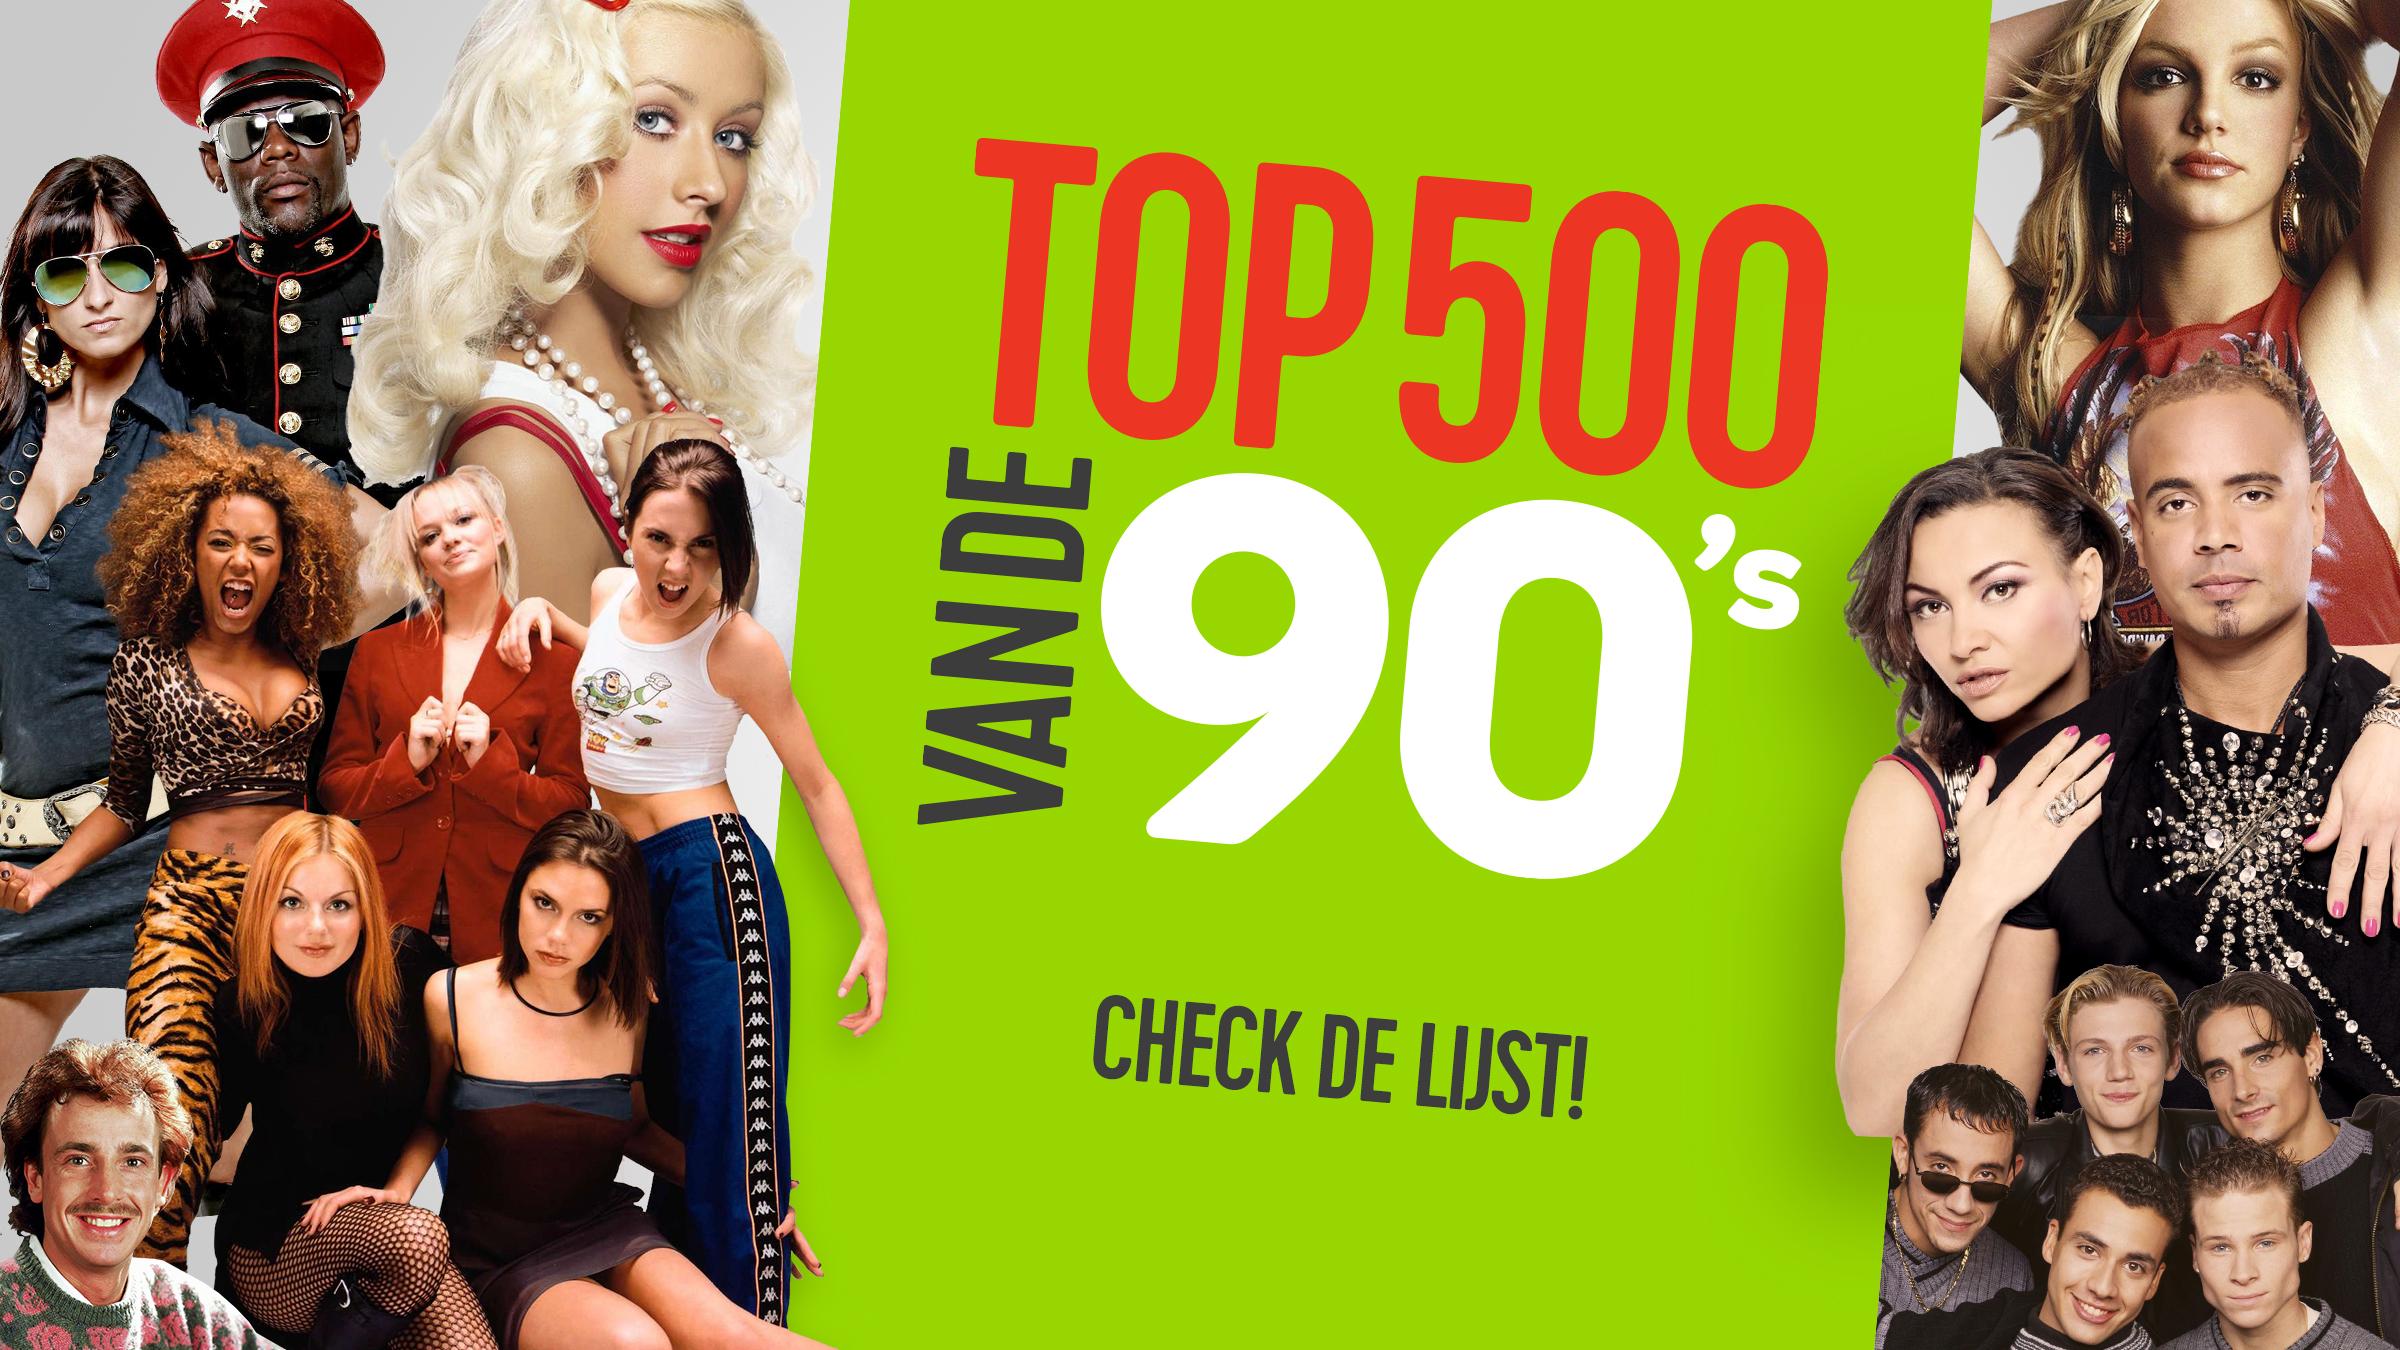 Qmusic teaser top500 90s check de lijst